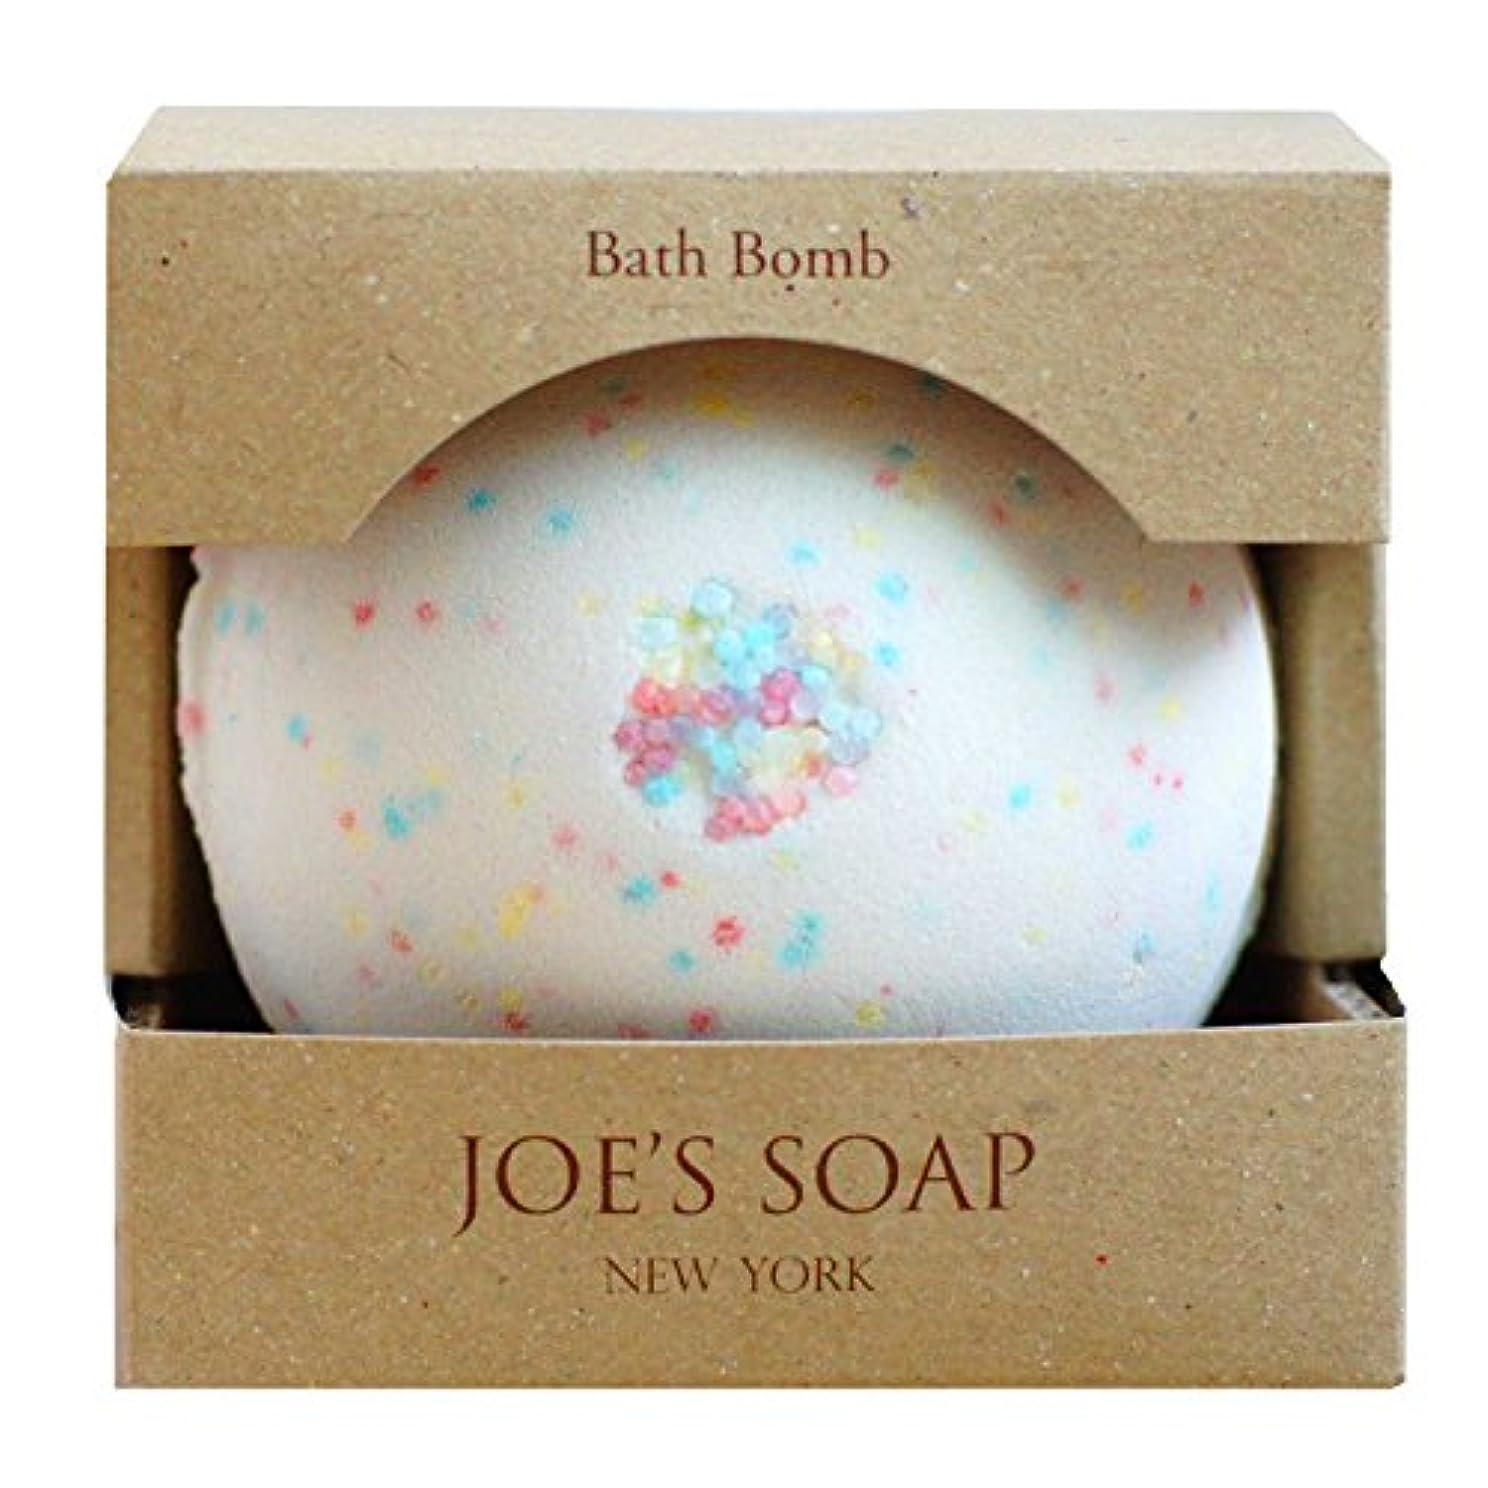 明るい活発それに応じてJOE'S SOAP (ジョーズソープ) バスボム(BEAUTY) バスボール 入浴剤 保湿 ボディケア スキンケア オリーブオイル はちみつ フト プレゼント